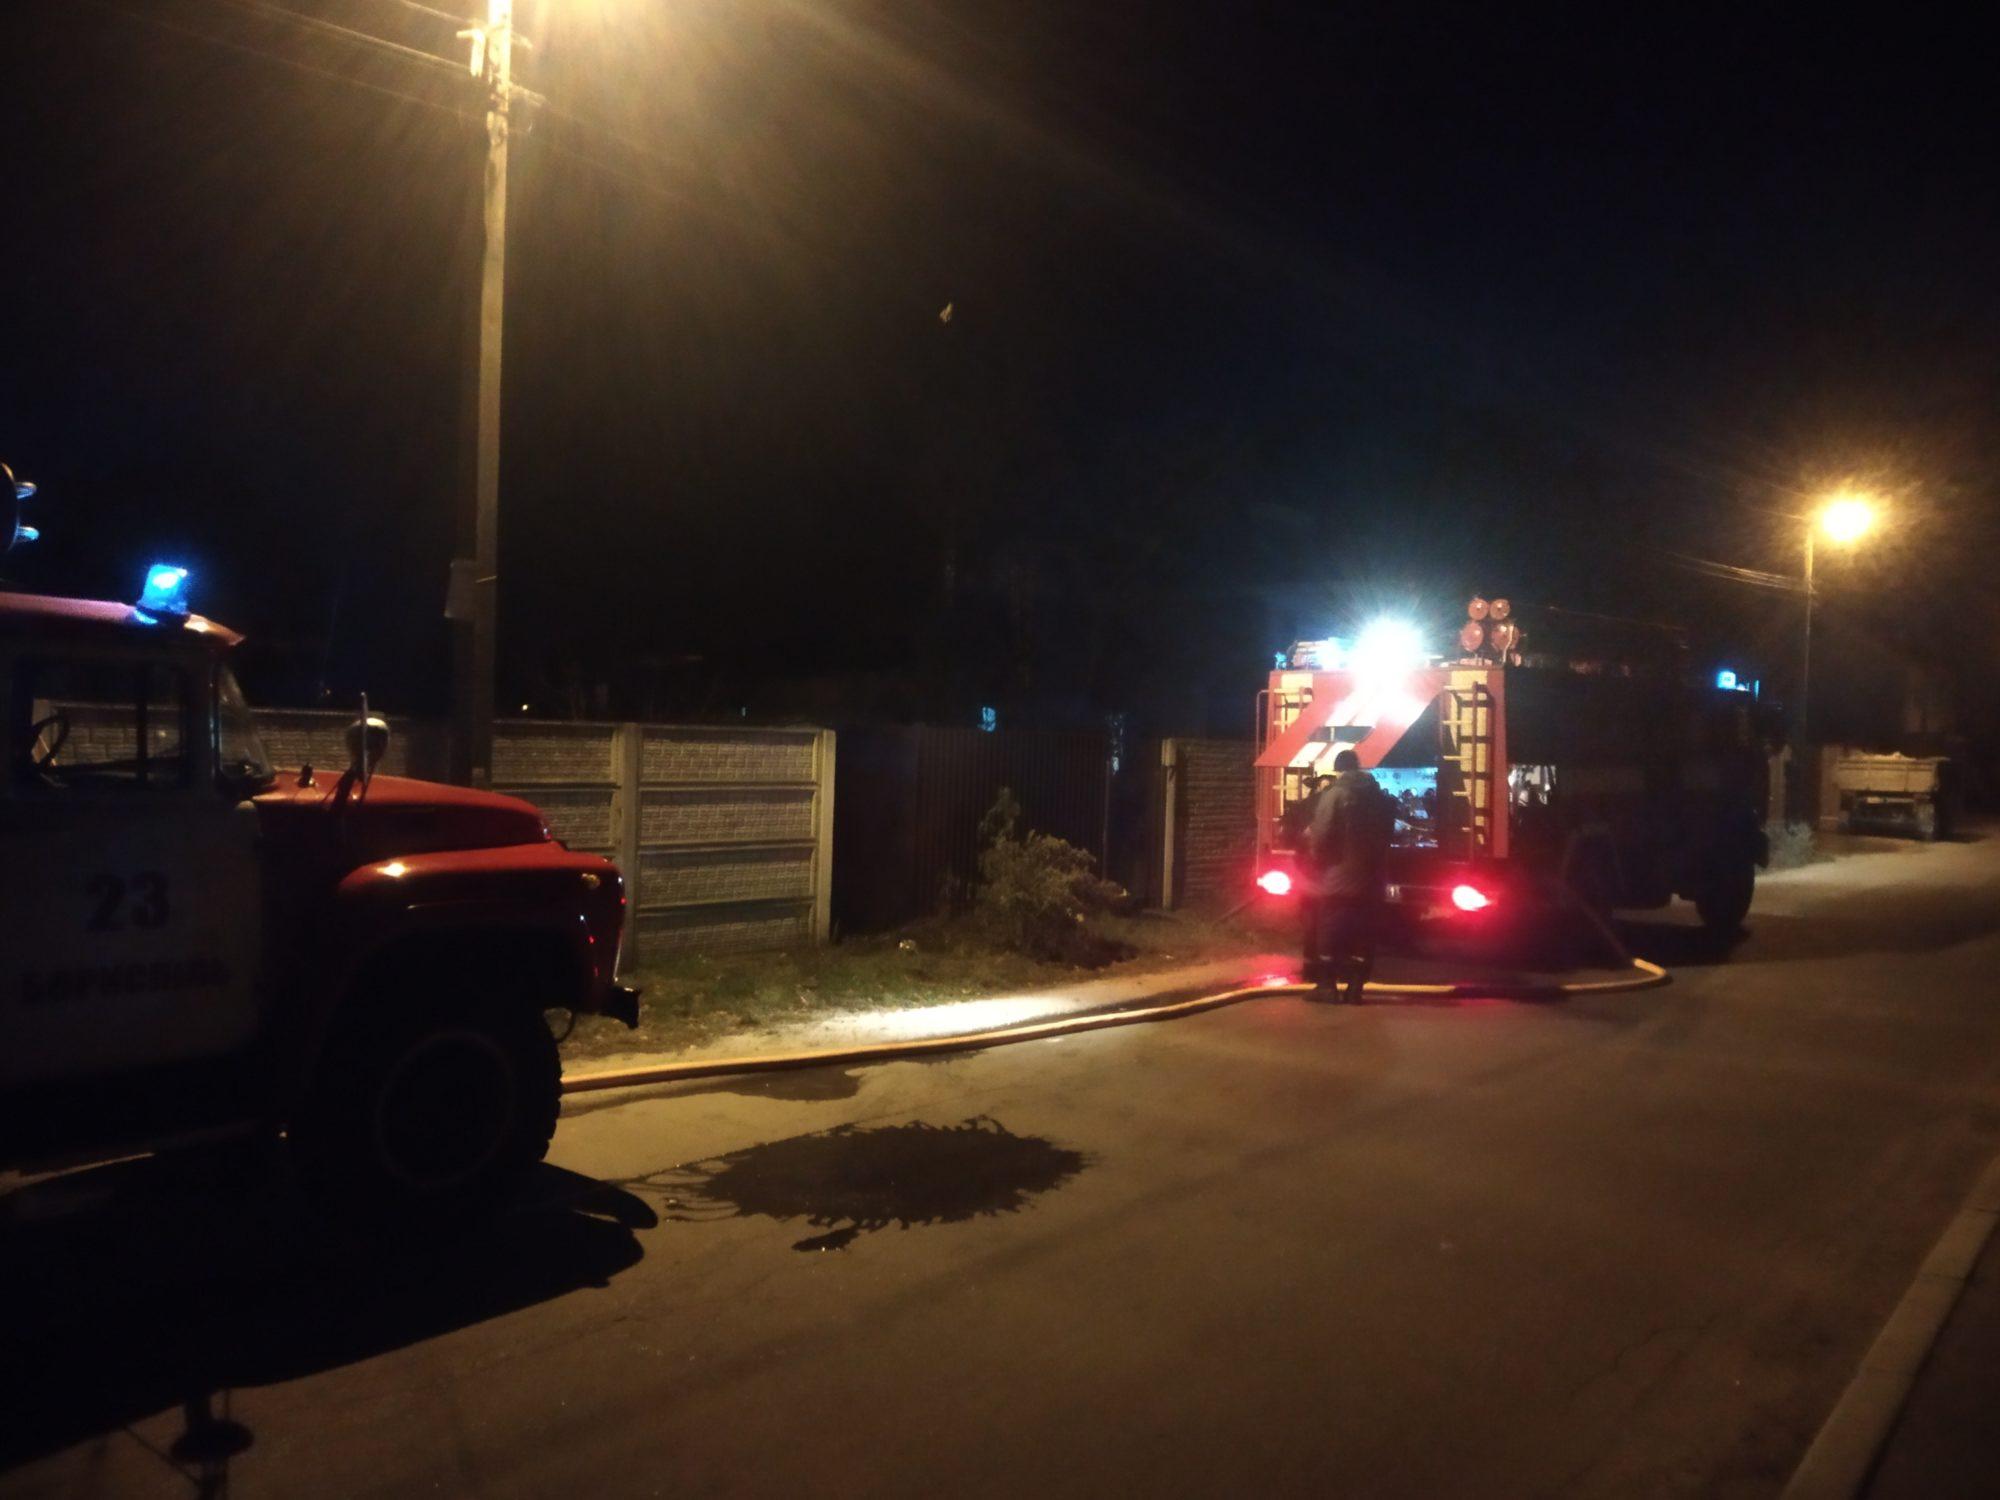 Бориспільщина: дві пожежі за два дні -  - IMG 20191130 214351 2000x1500